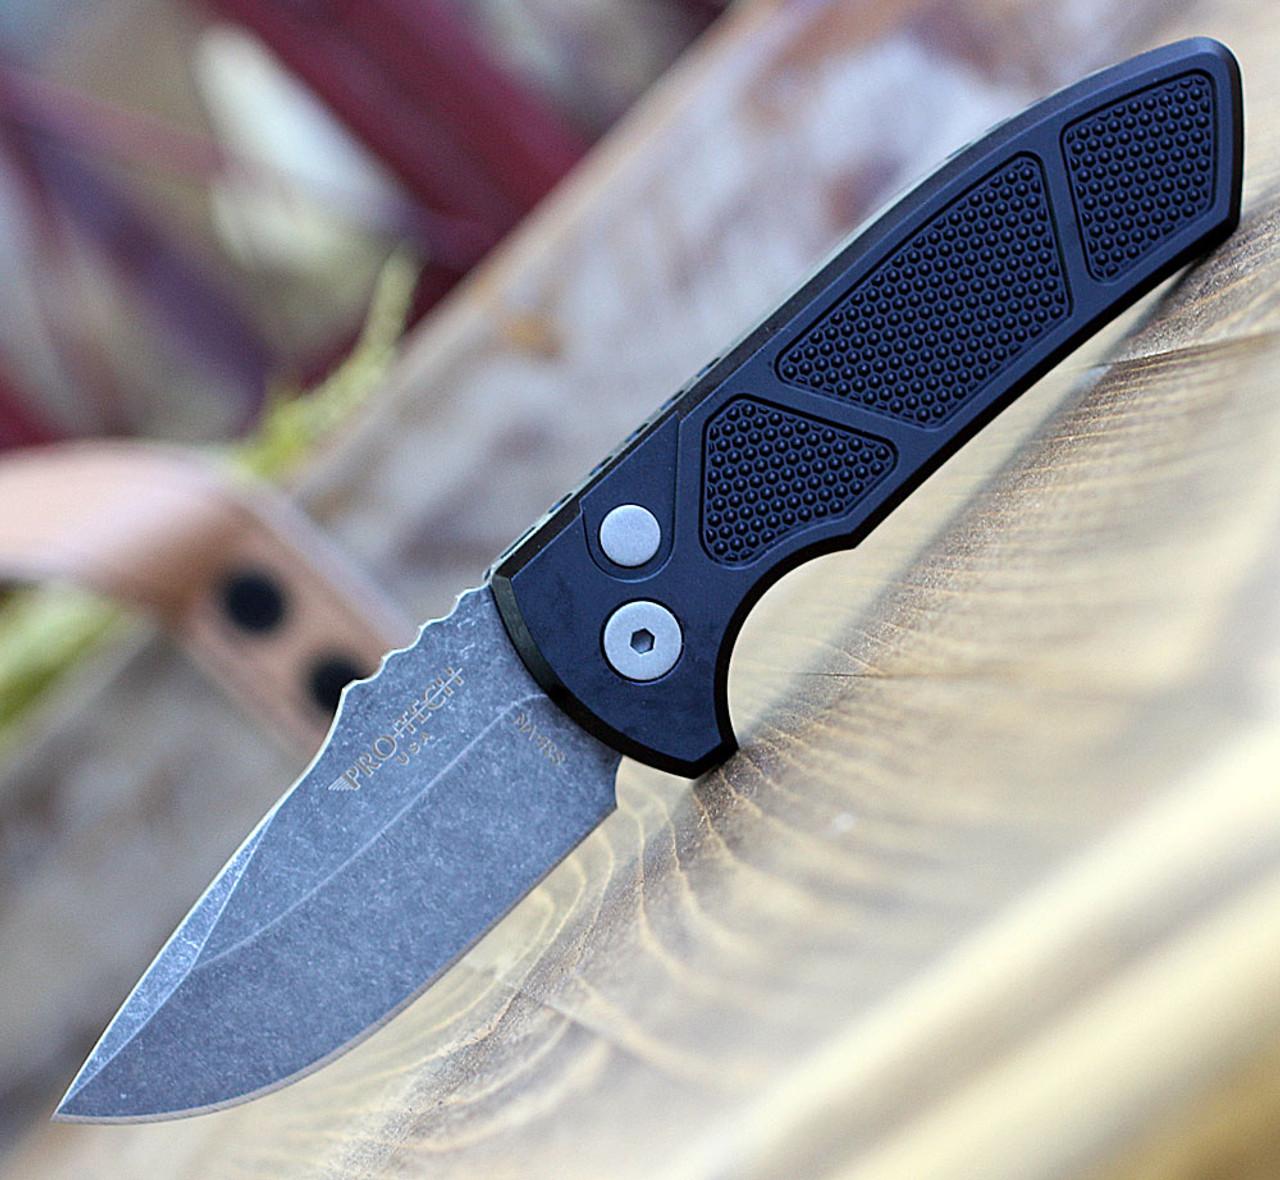 """ProTech LG415-SBR Grip Milled Black, 2.5"""" S35-VN Acid Washed Plain Blade, Aluminum Handle"""